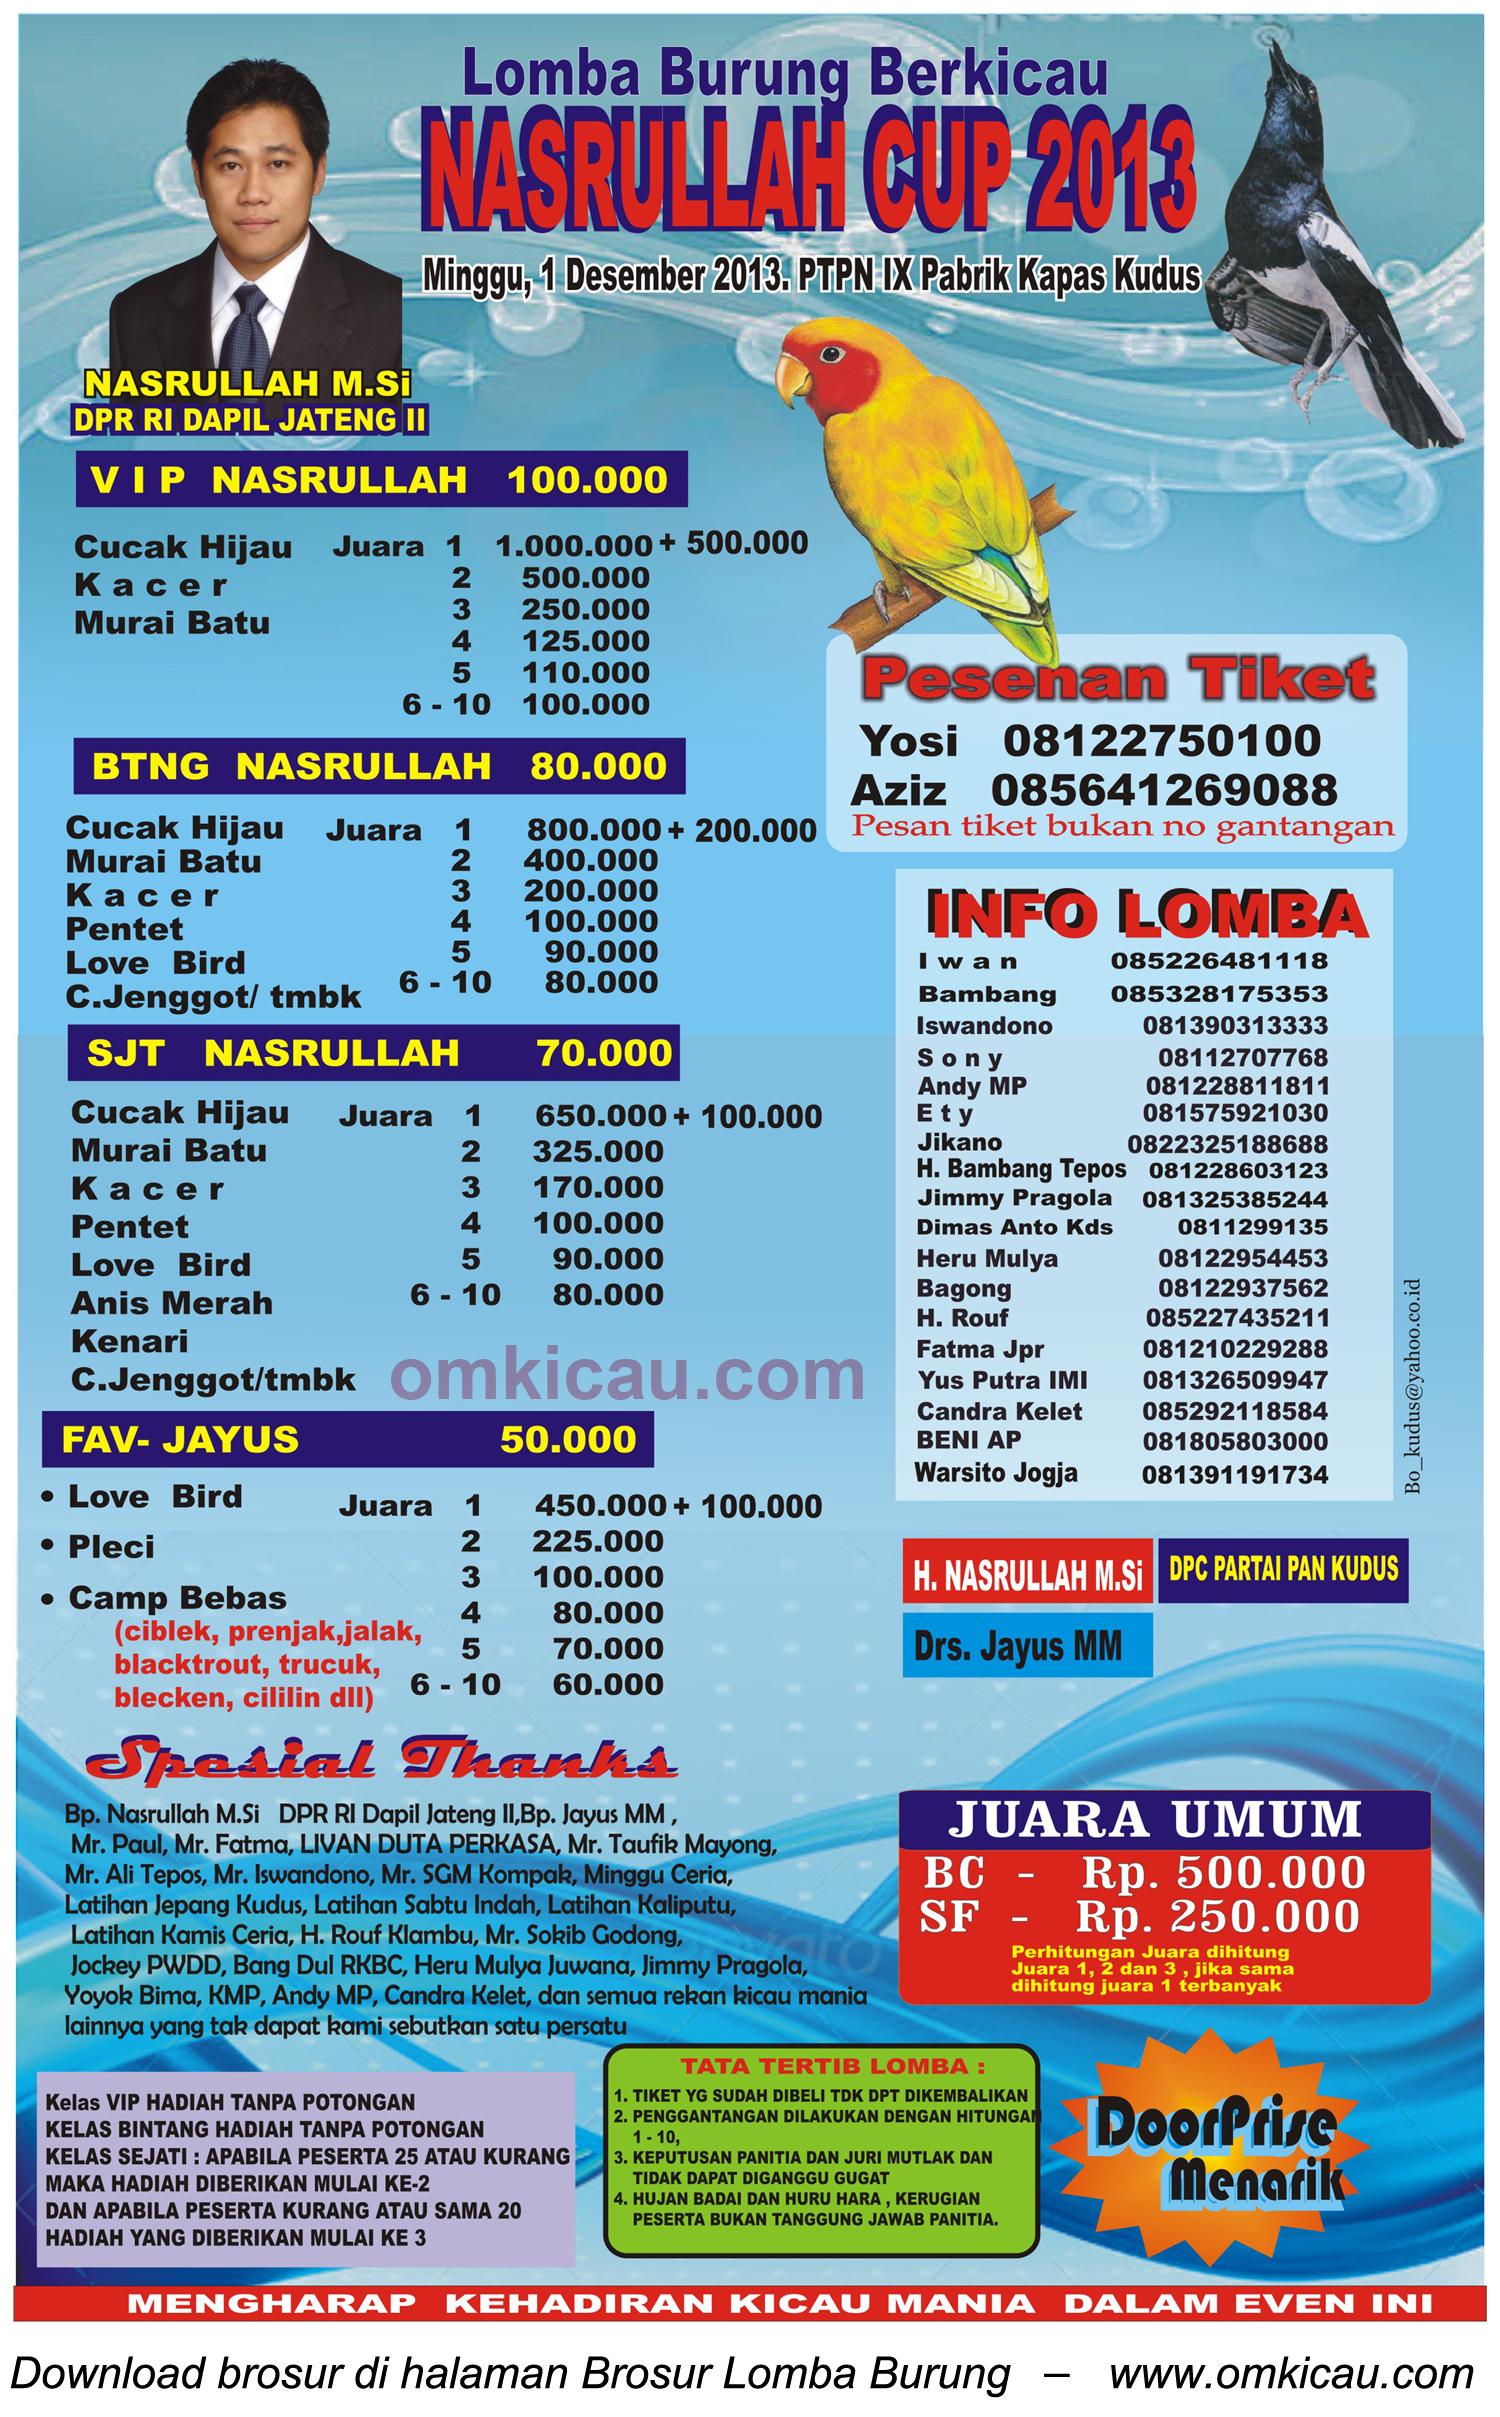 Nasrullah Cup Kudus - 1 Desember 2013